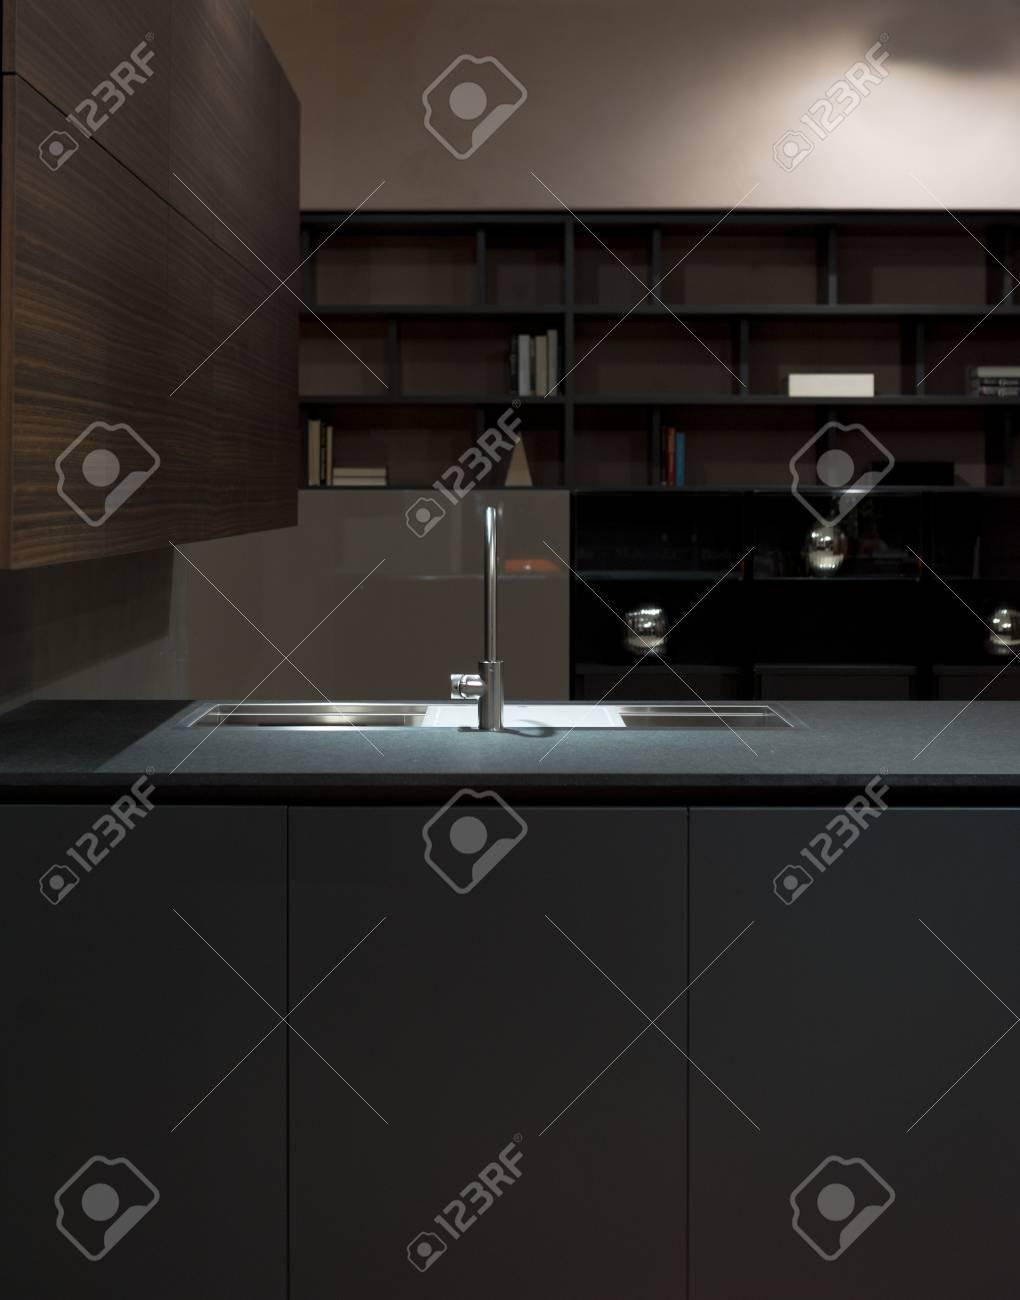 Saubere Und Minimalistische Küche Schränke Und Arbeitsplatte Mit ...